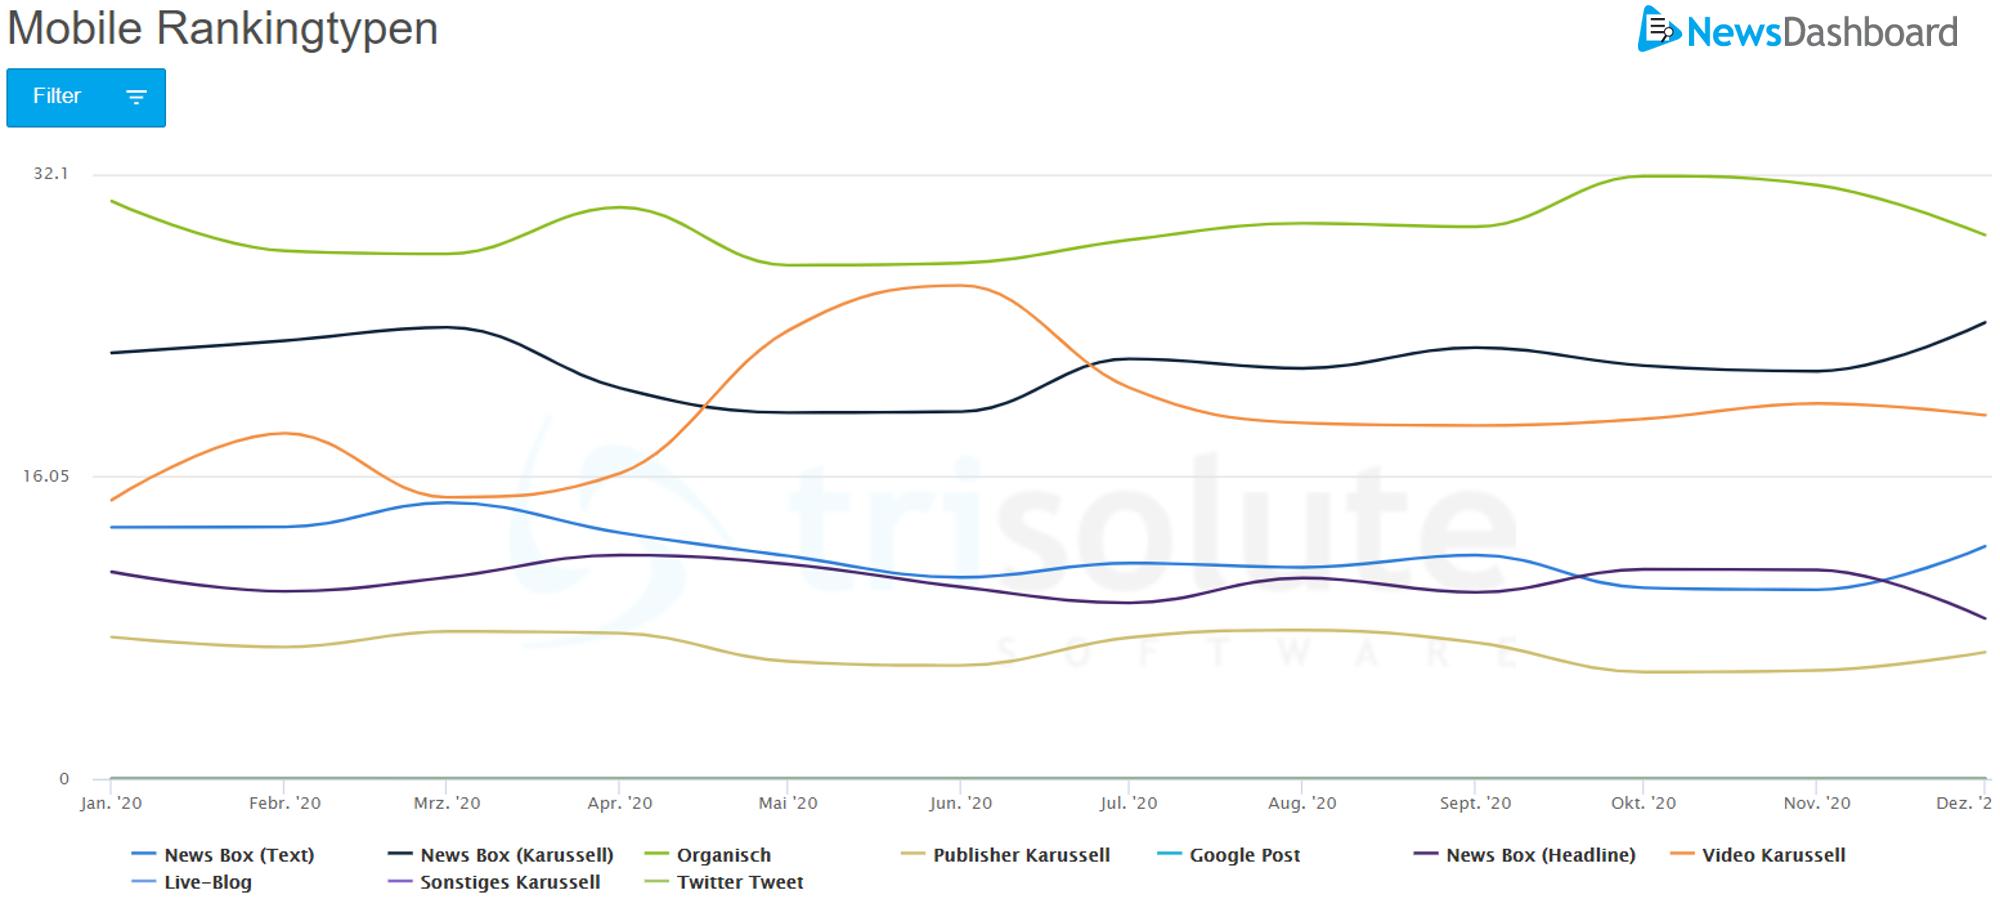 Das organische Ranking gab es 2020 am häufigsten auf der mobilen SERP.